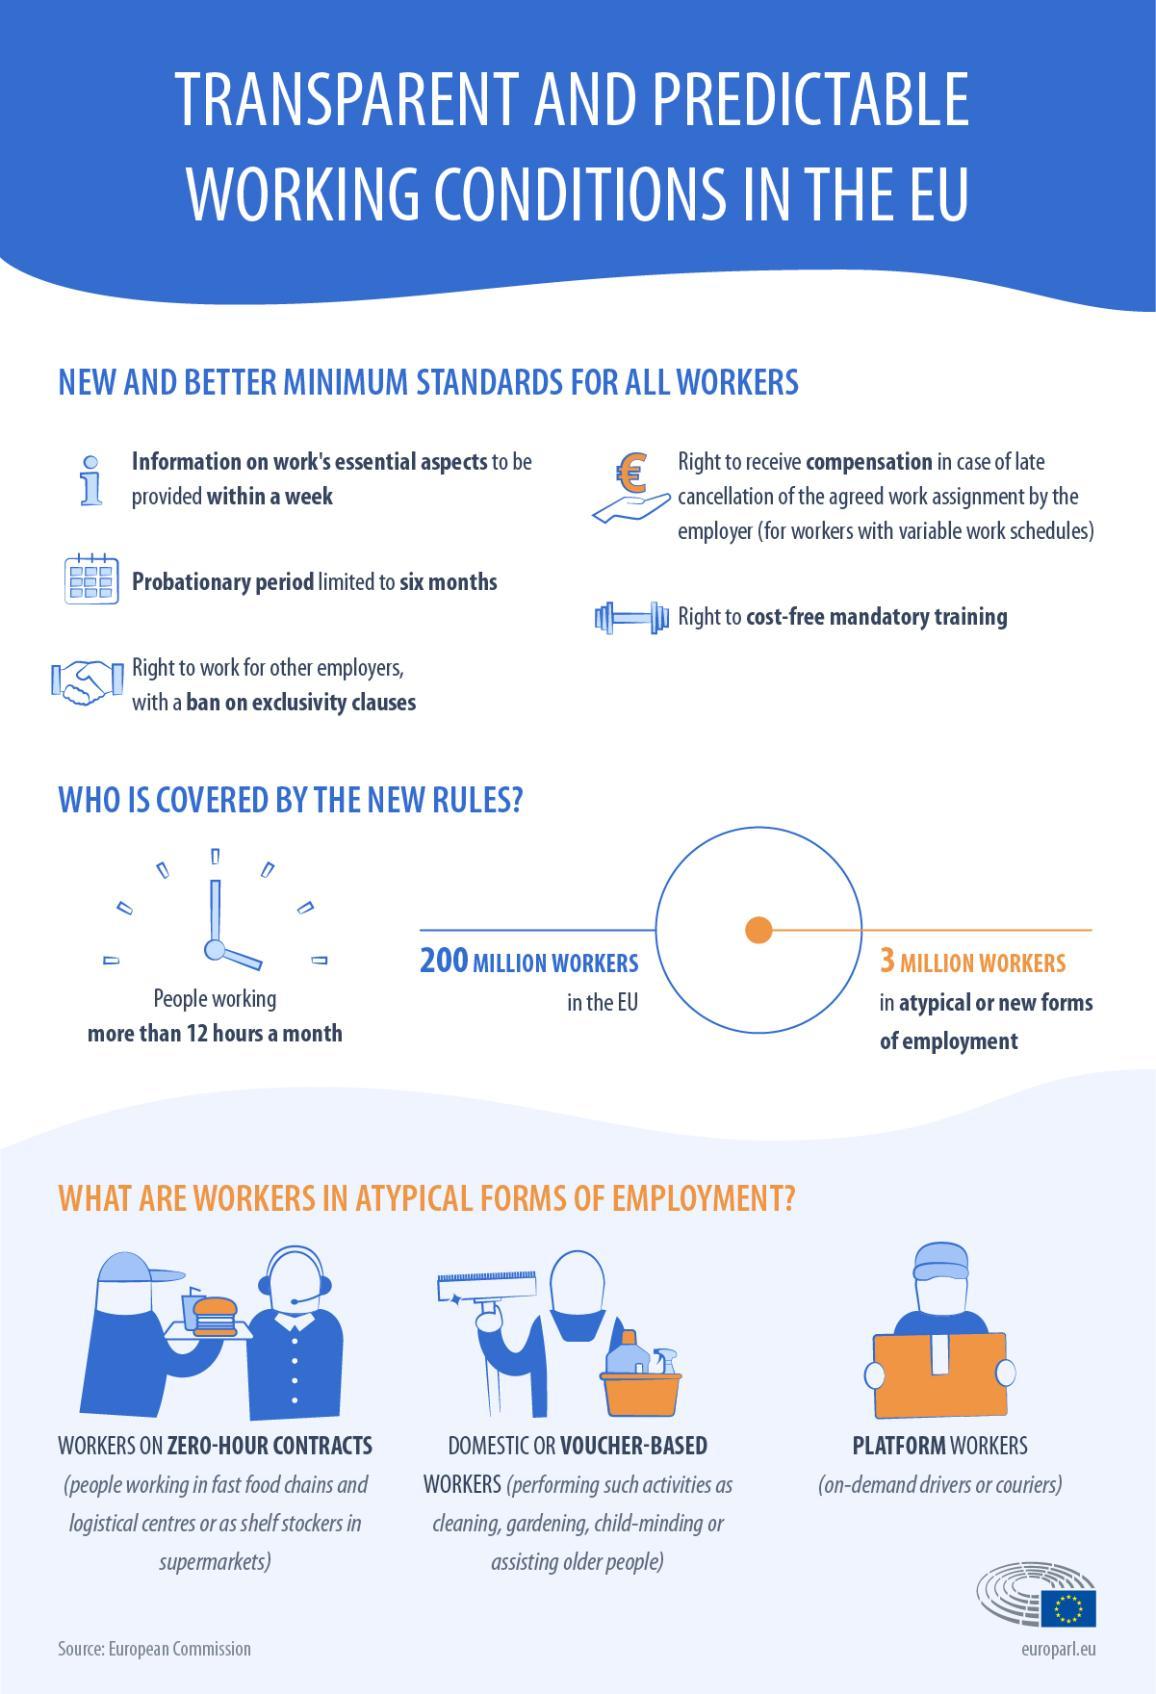 par darba apstākļiem Eiropas Savienībā